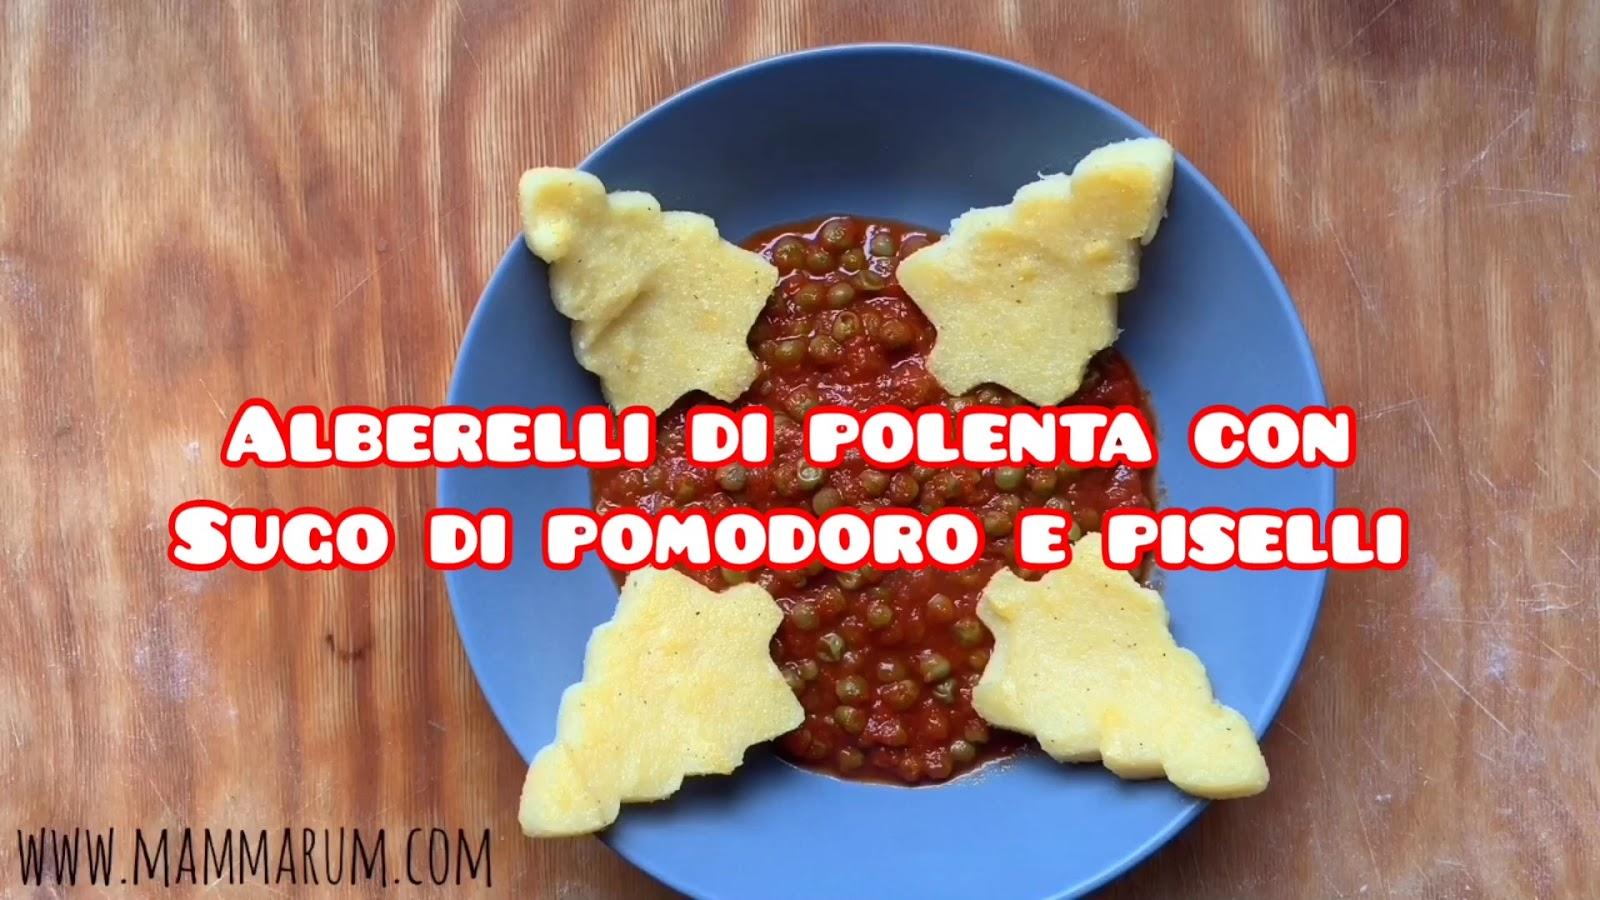 Alberelli di polenta con sugo di pomodoro e piselli